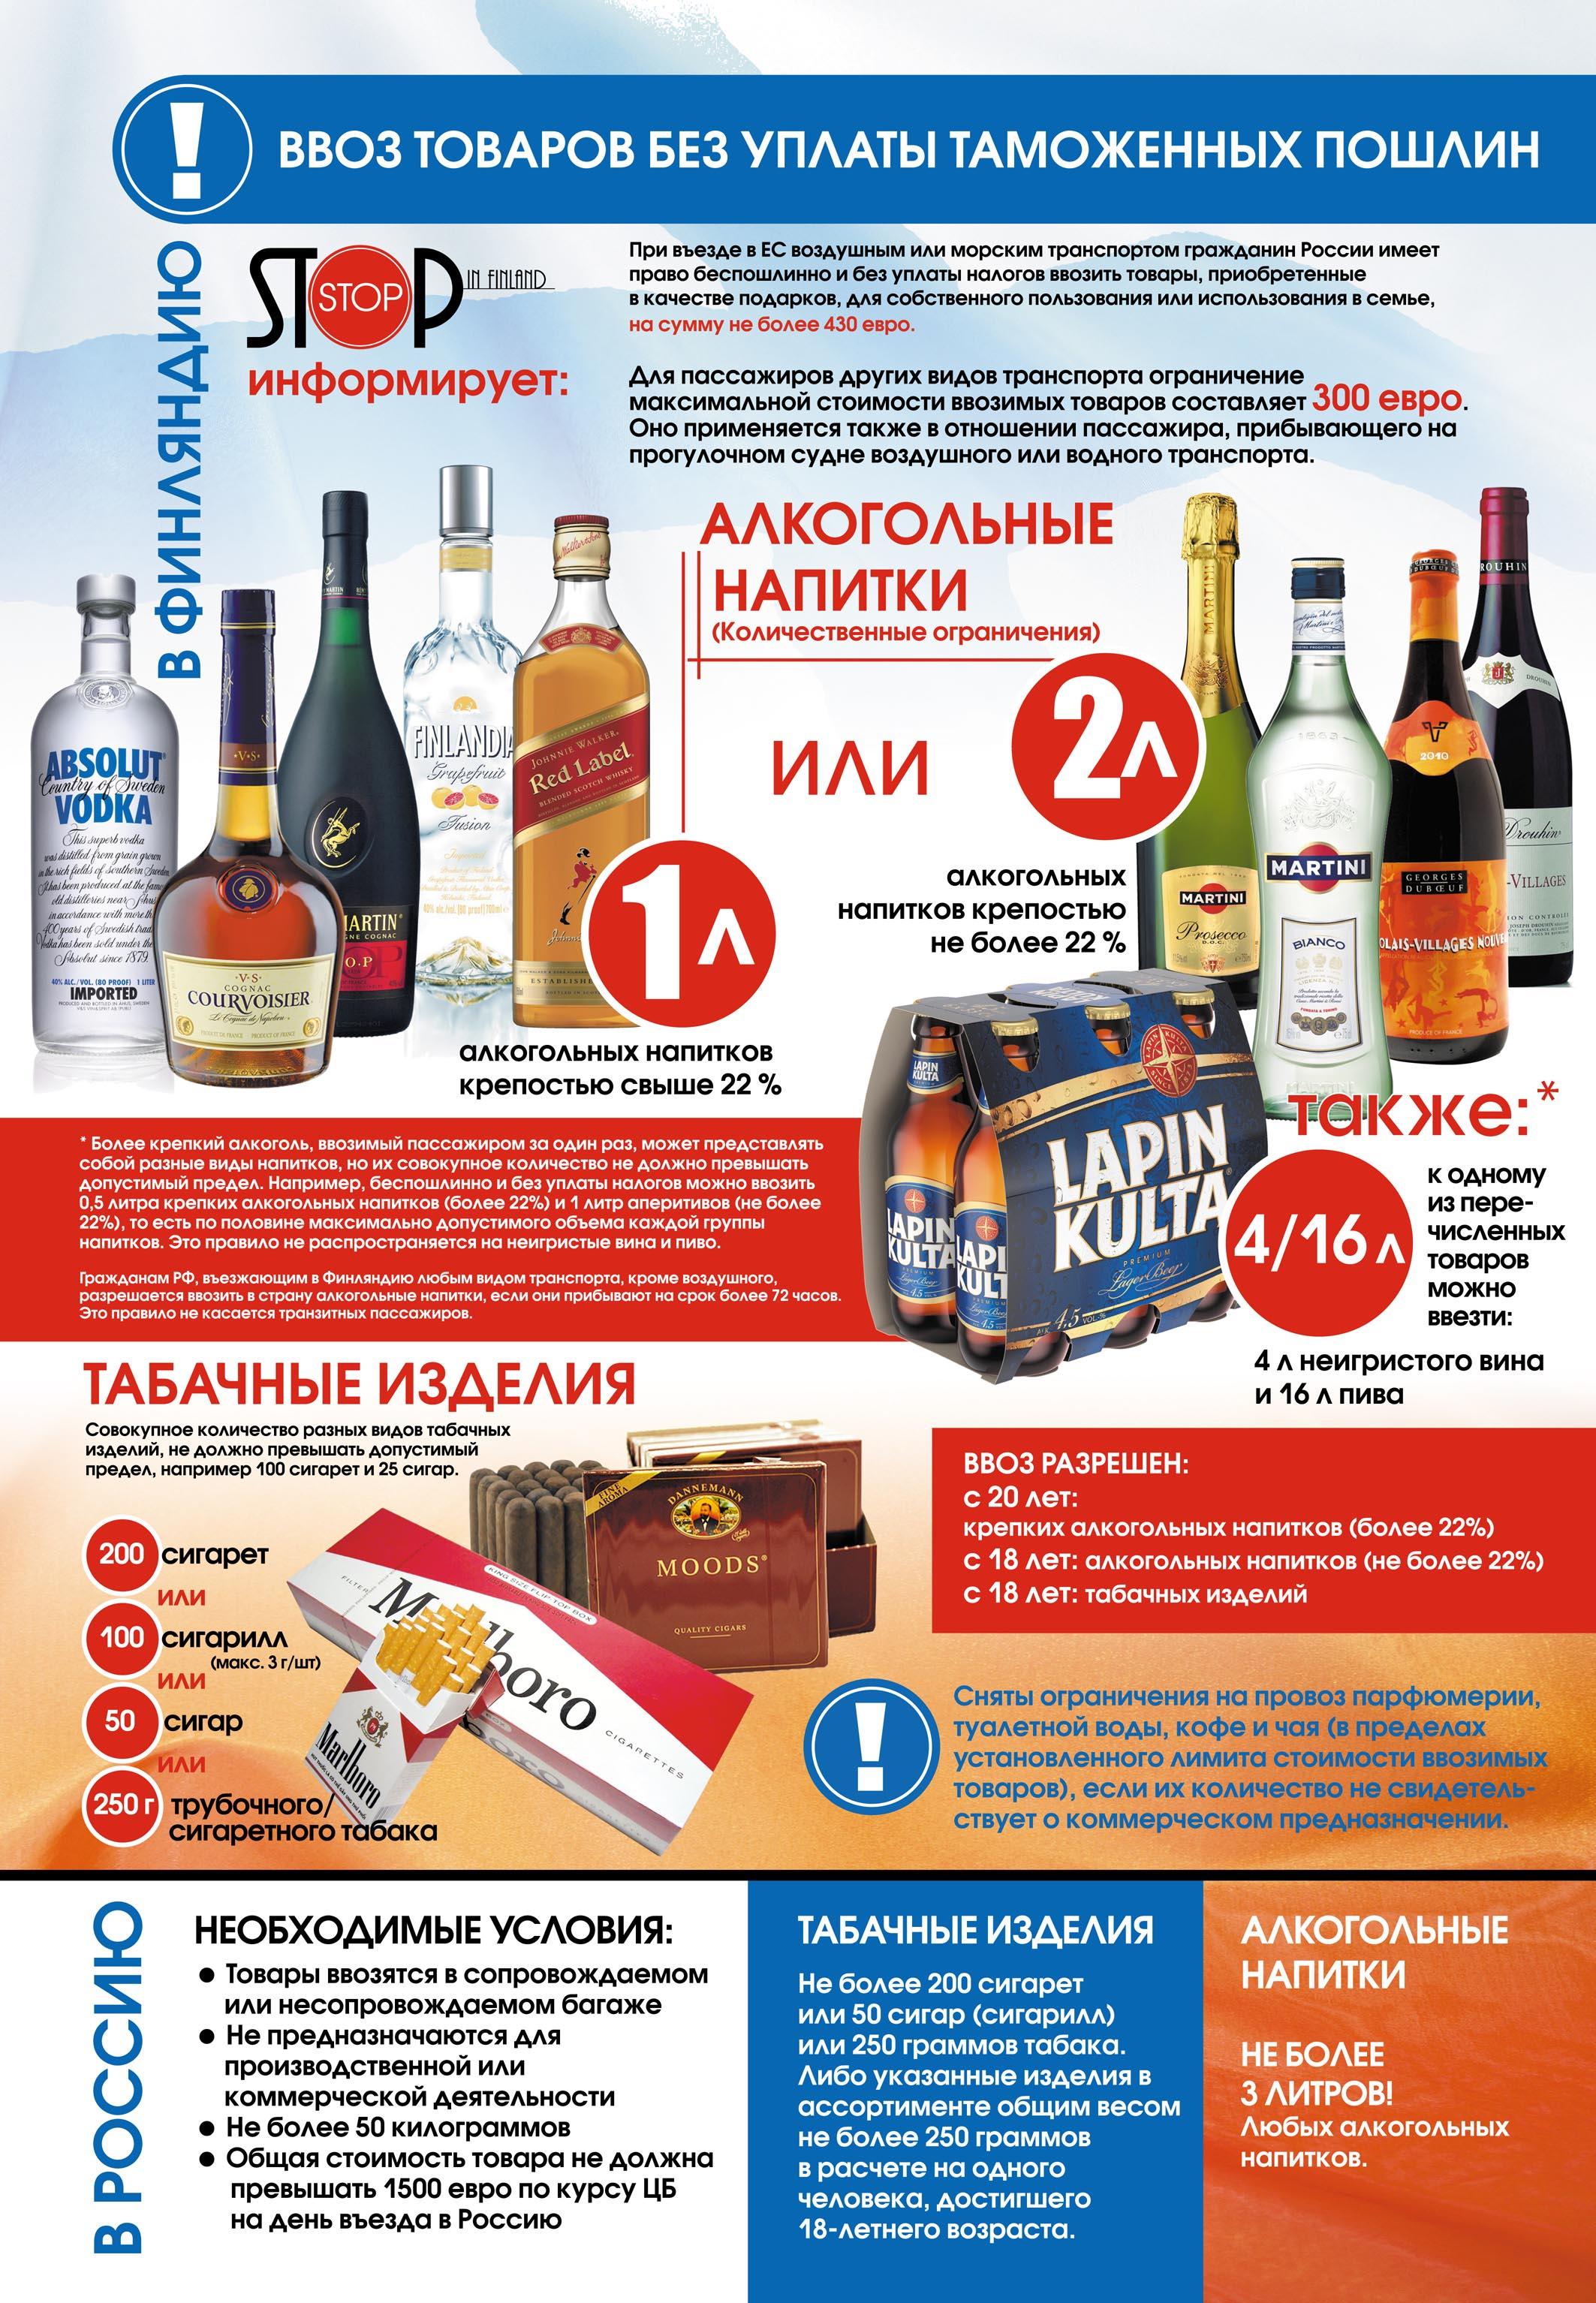 Сколько алкоголя можно ввозить в Россию: литры на таможне